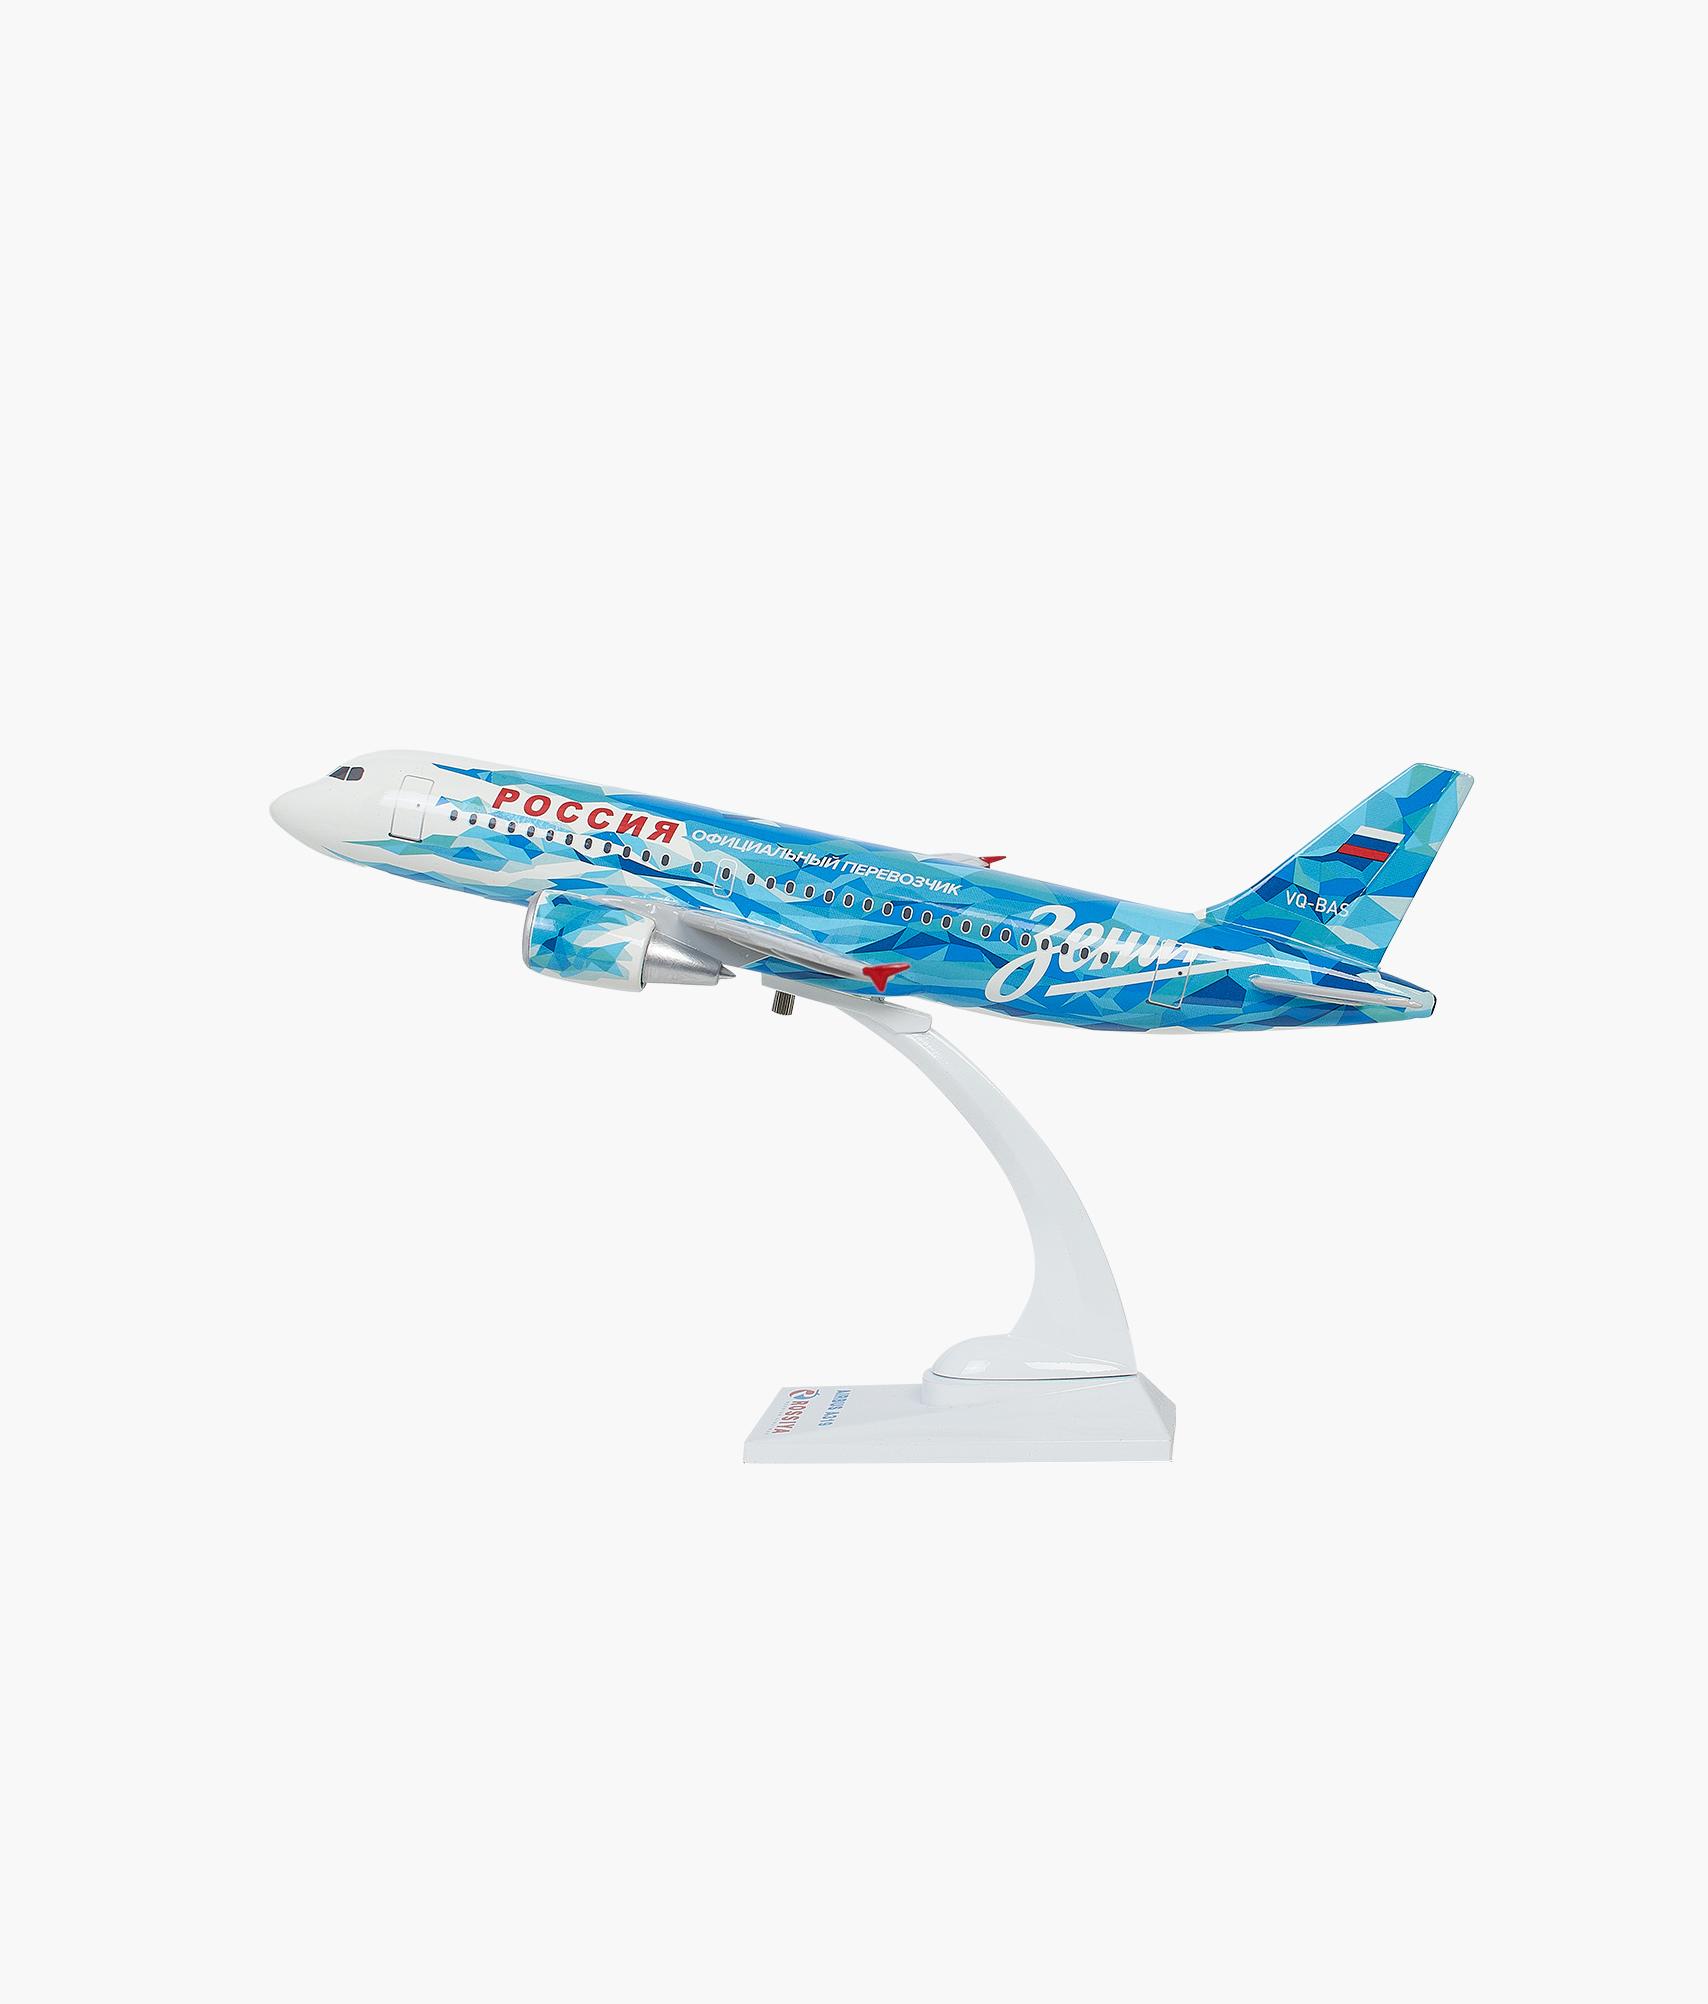 Модель самолета Airbus А319 масштаб 1:100 Зенит